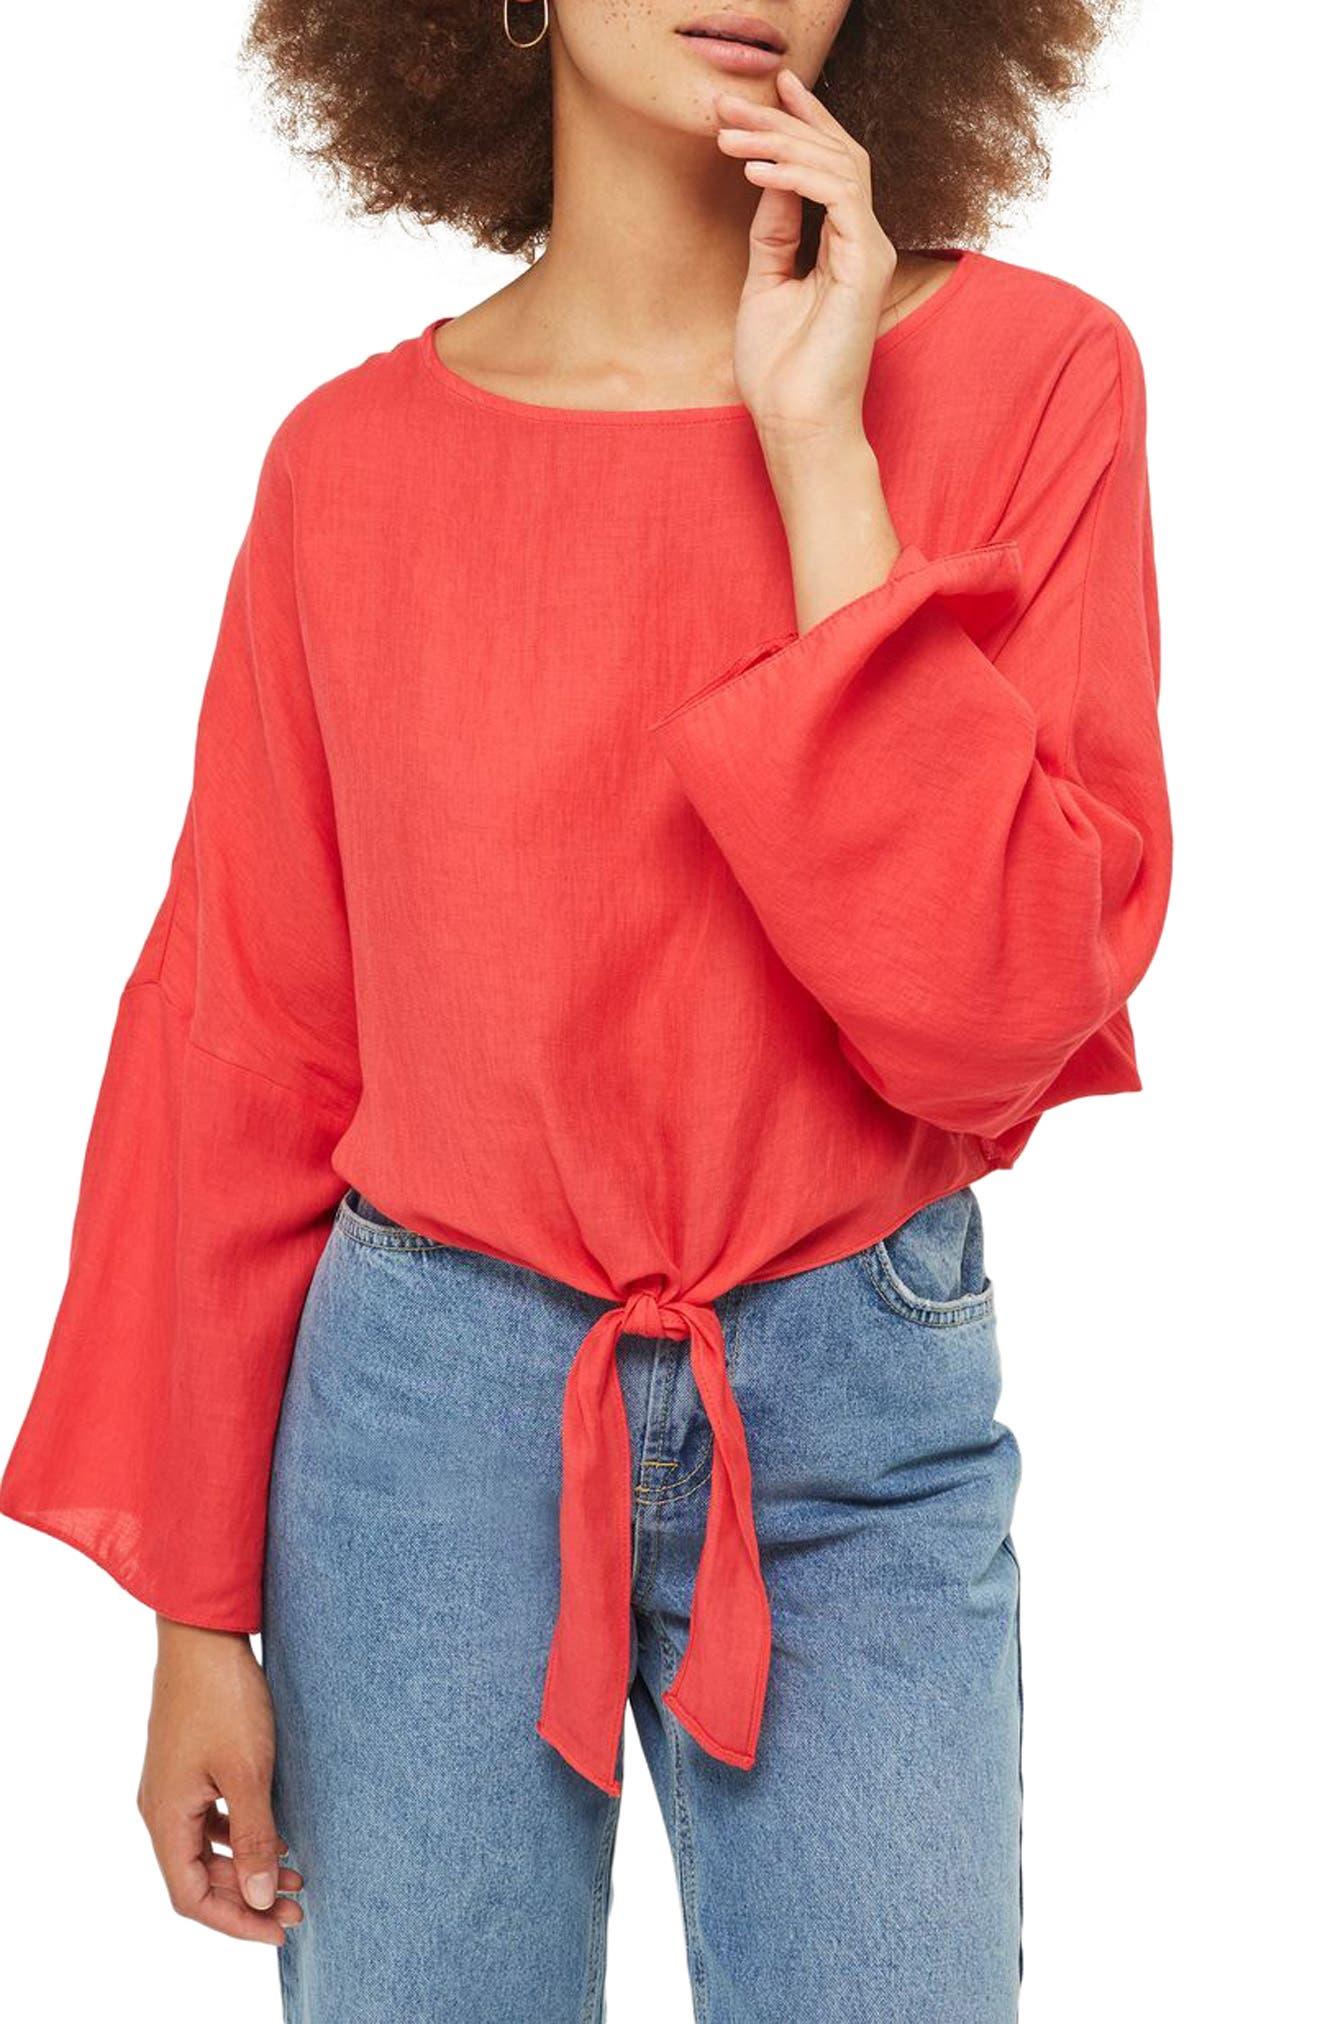 Main Image - Topshop Knot Front Top (Regular & Petite)